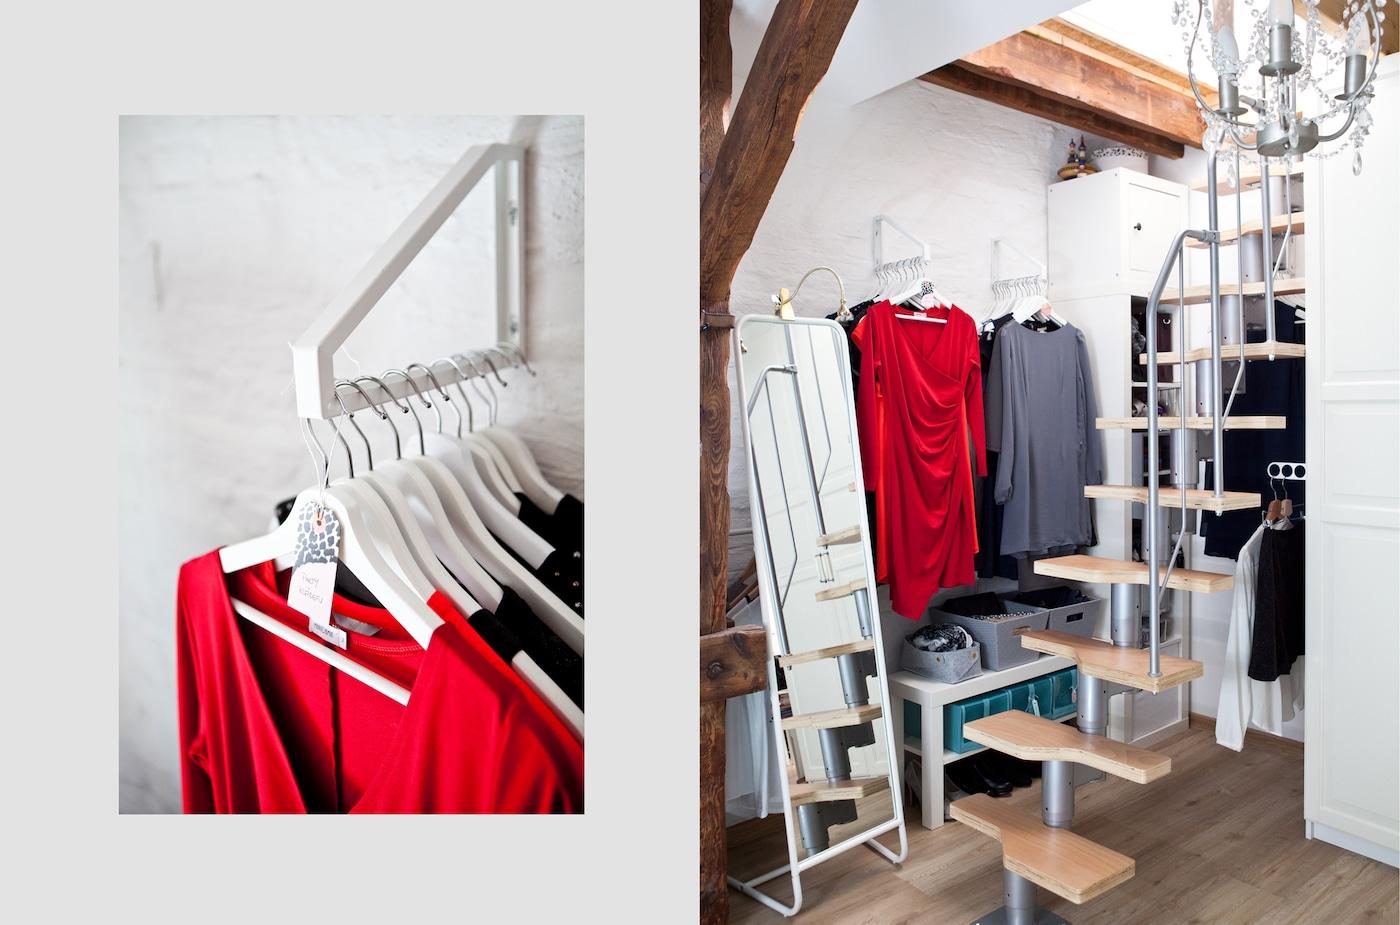 mehr raum zur aufbewahrung von kleidung ikea. Black Bedroom Furniture Sets. Home Design Ideas